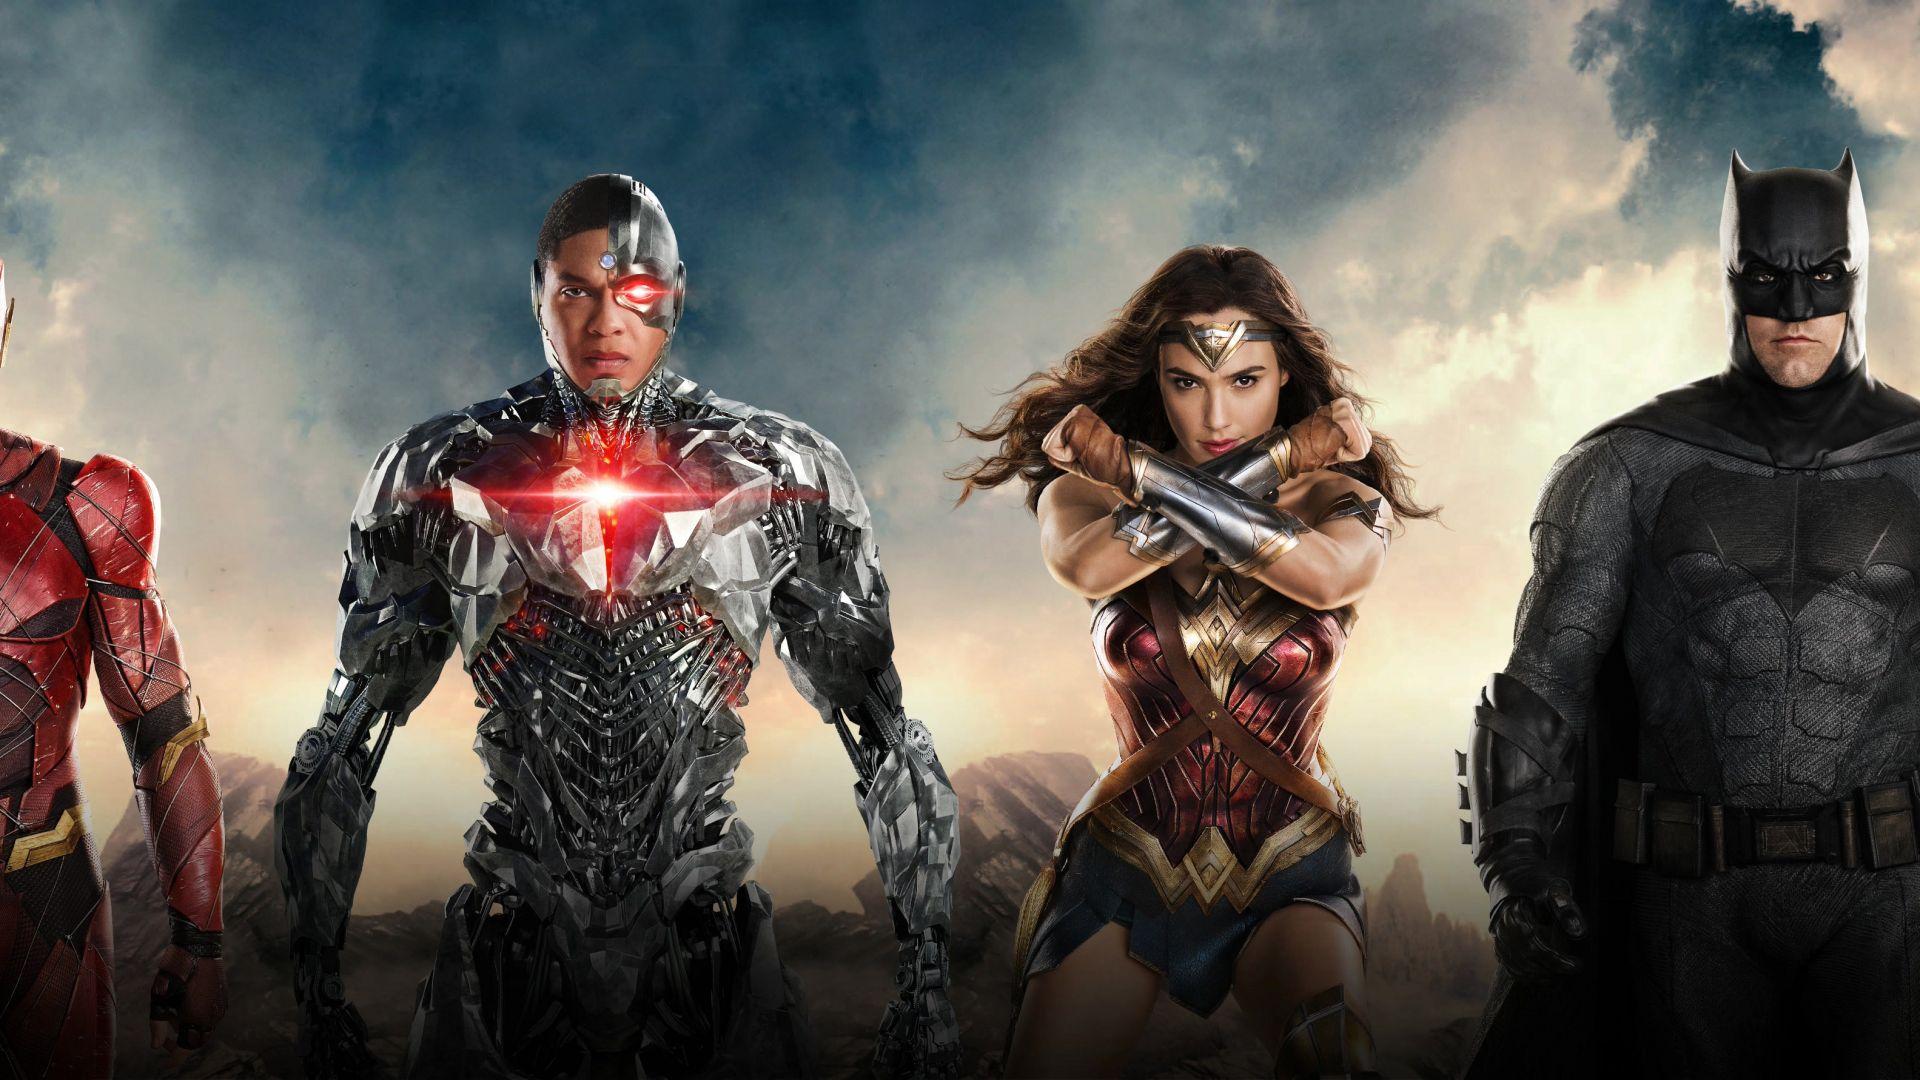 Wonder Woman Justice League 4k Fan Art Hd Movies 4k: Wallpaper Justice League, Wonder Woman, Batman, The Flash